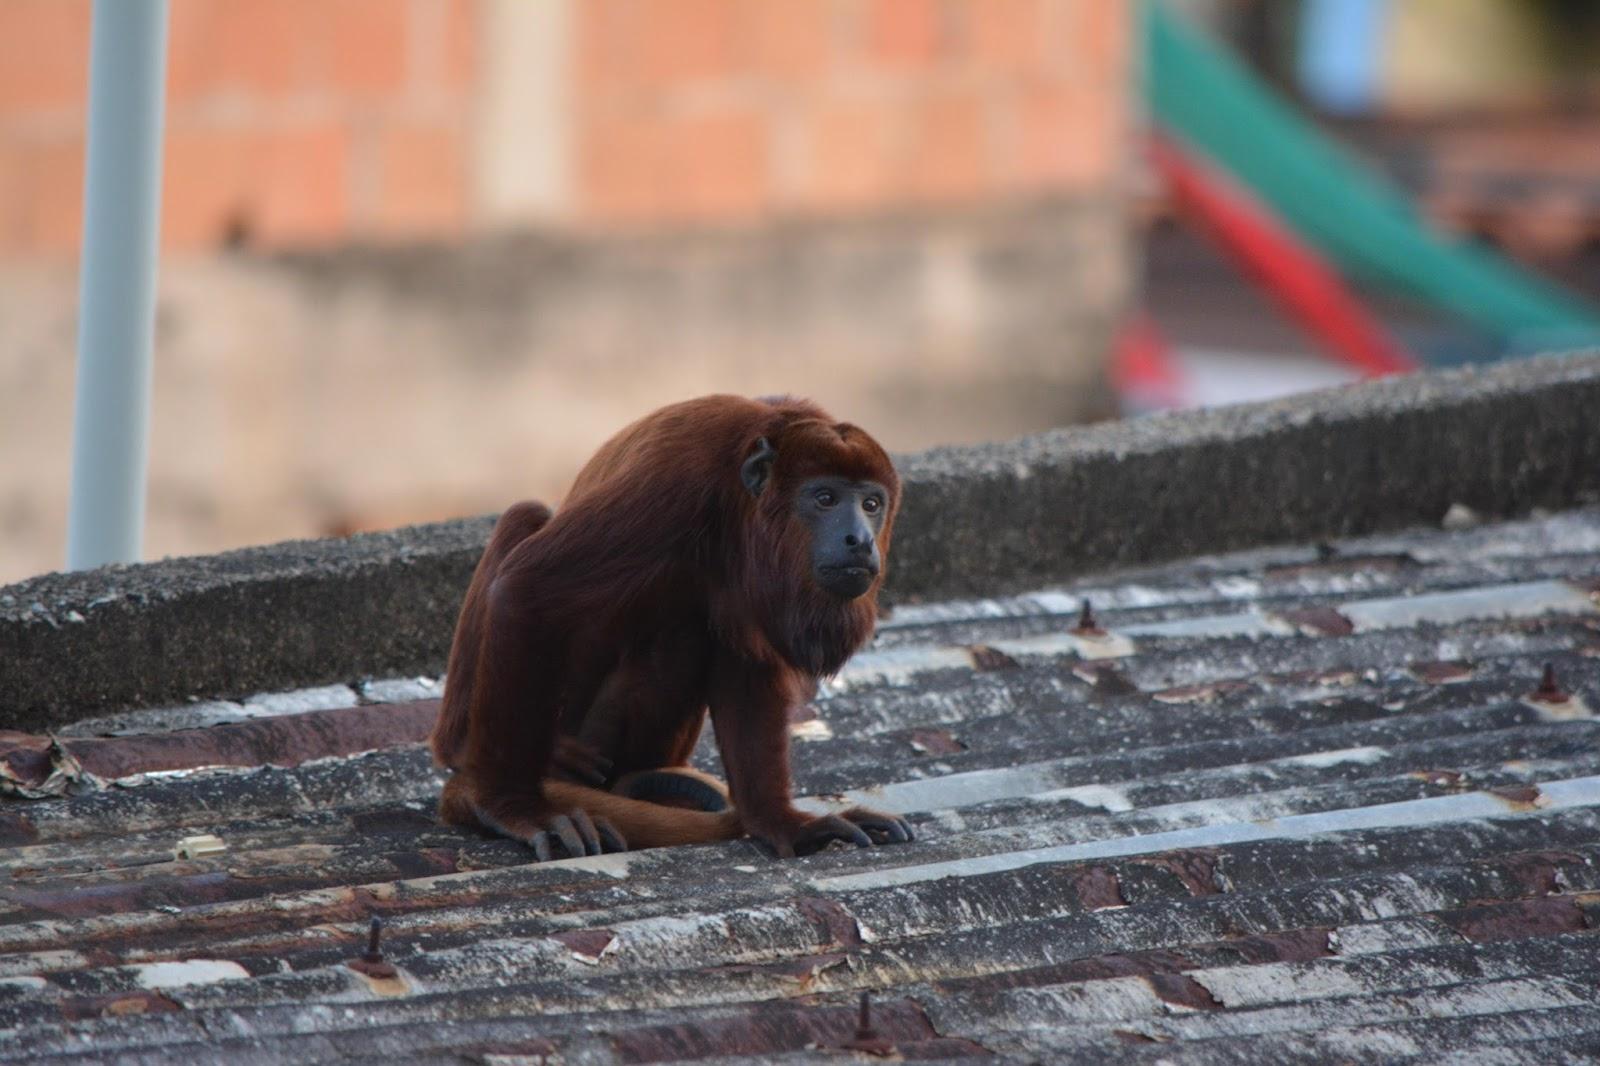 Schön Haustier Affe Beste Wahl Ich Halte Nicht Viel Davon, Junge Wildtiere